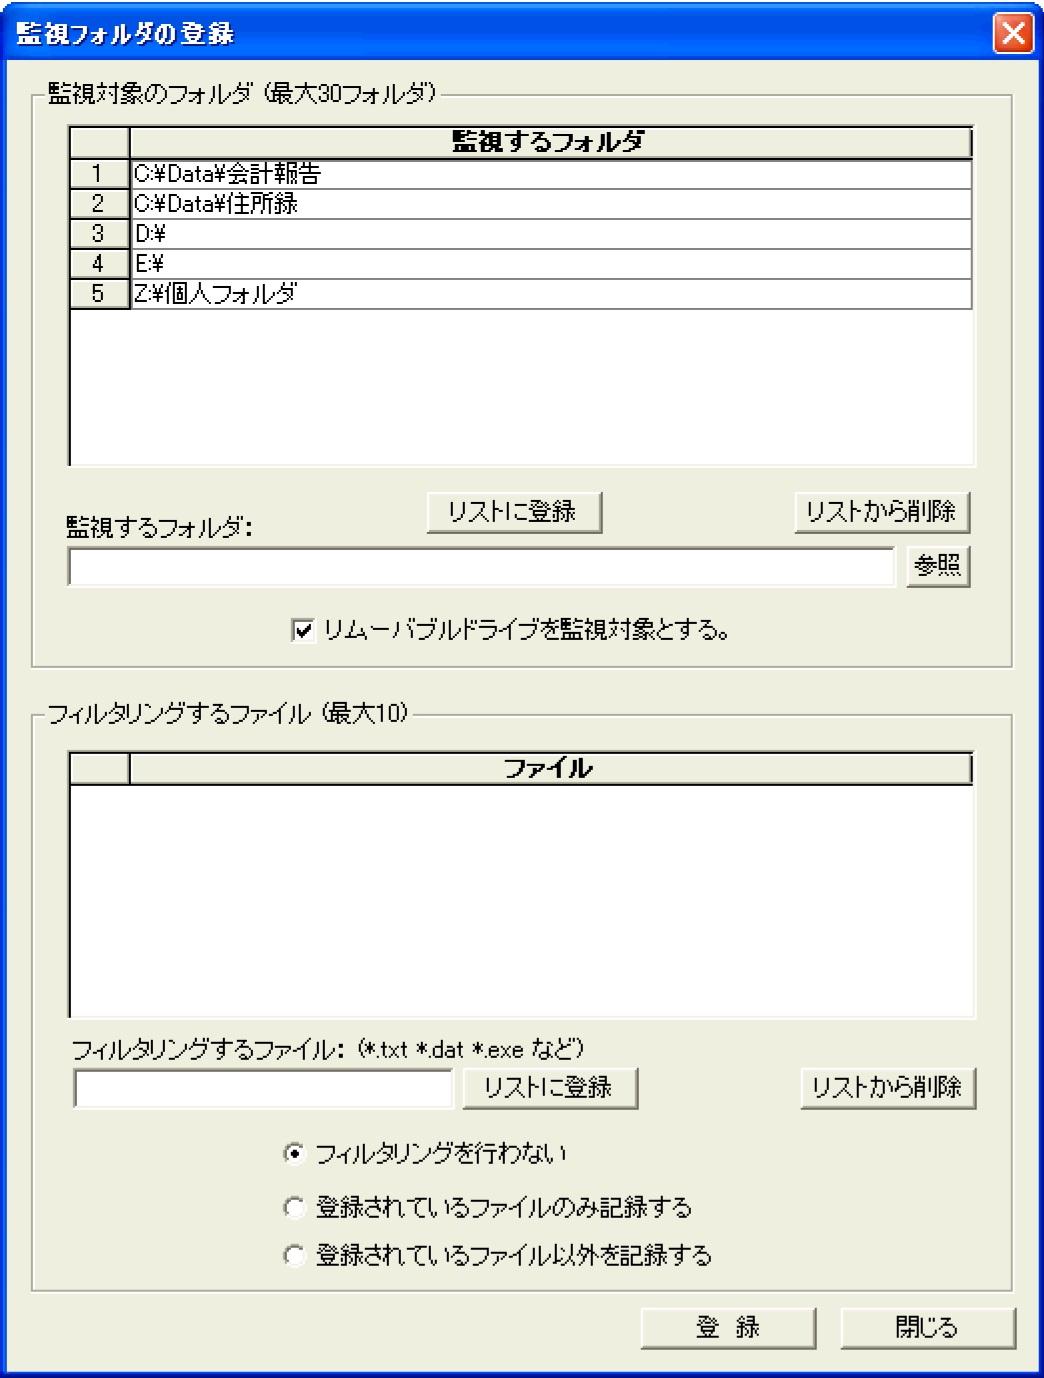 回収済みログの整理